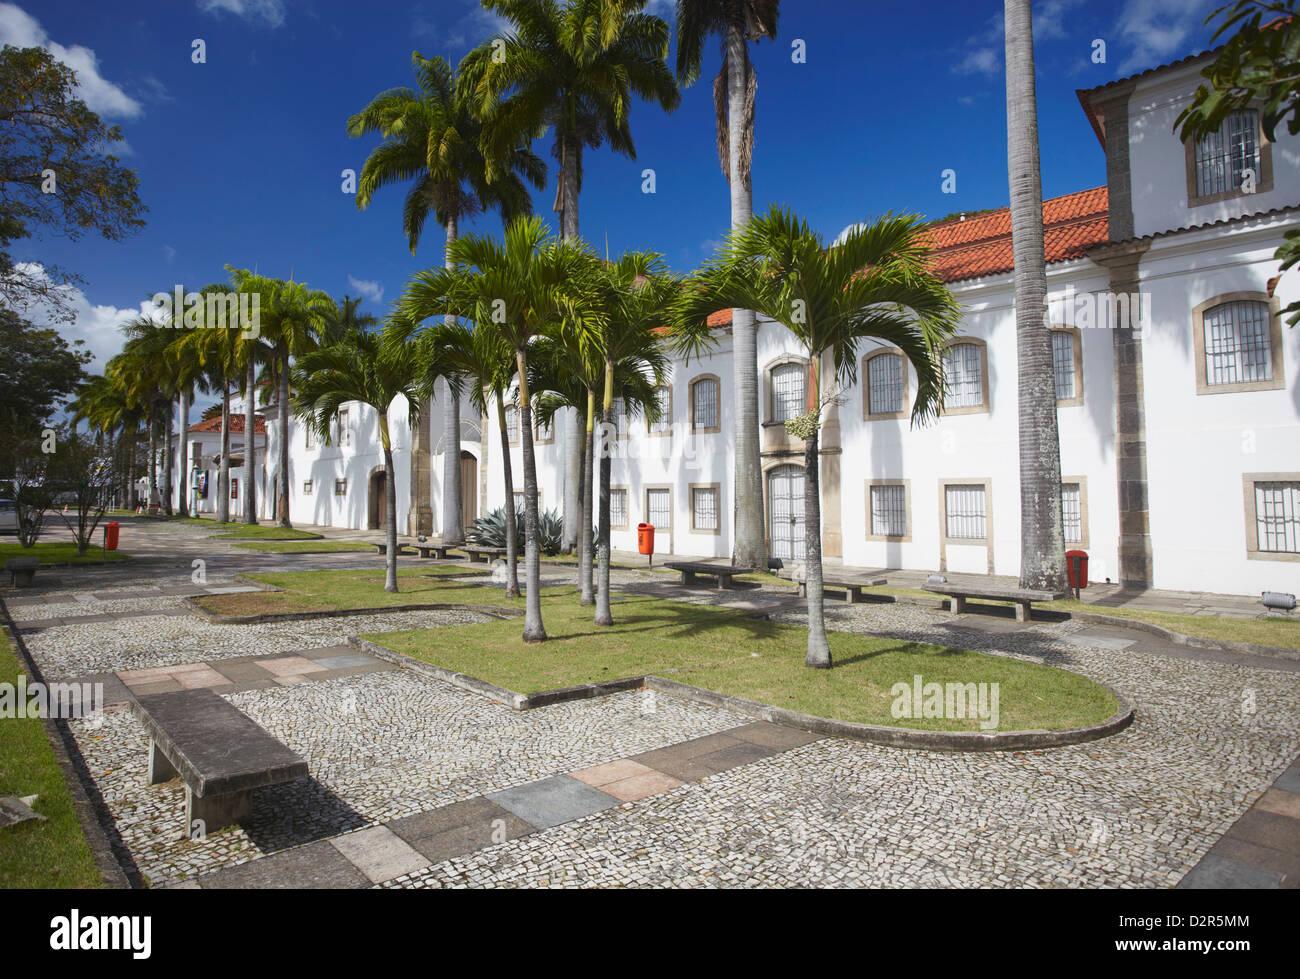 National History Museum, Centro, Rio de Janeiro, Brazil, South America - Stock Image